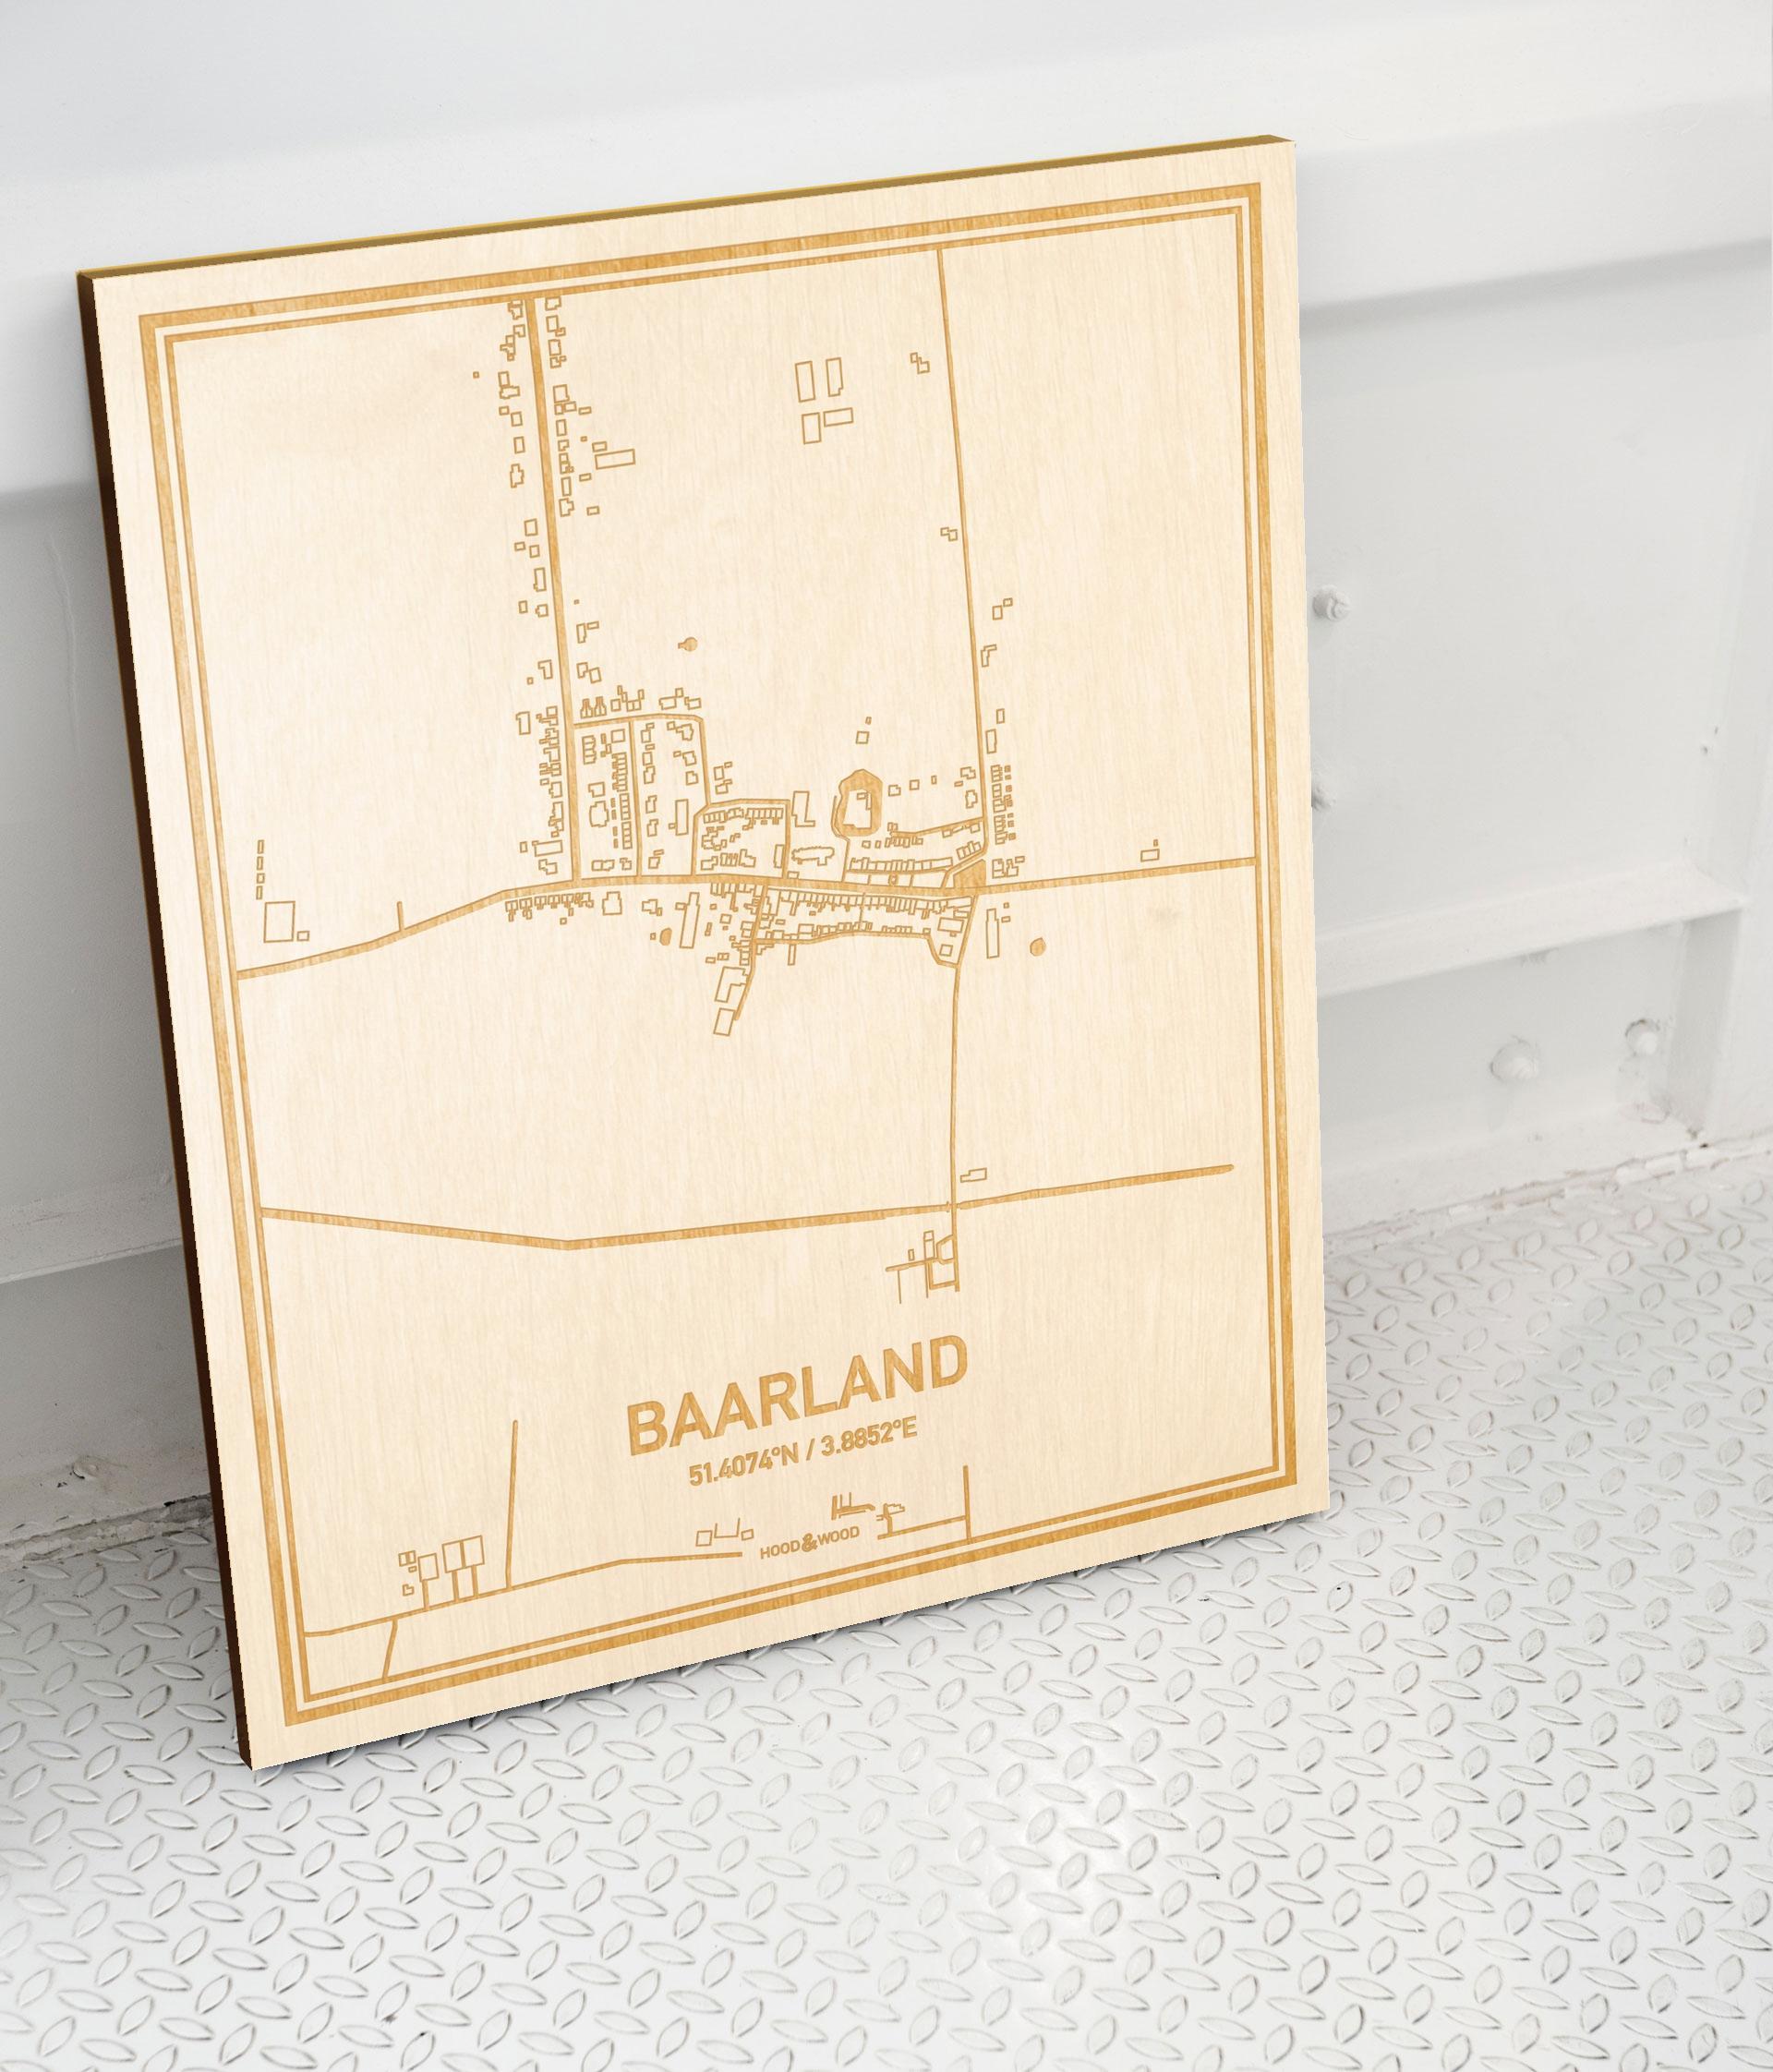 Plattegrond Baarland als prachtige houten wanddecoratie. Het warme hout contrasteert mooi met de witte muur.